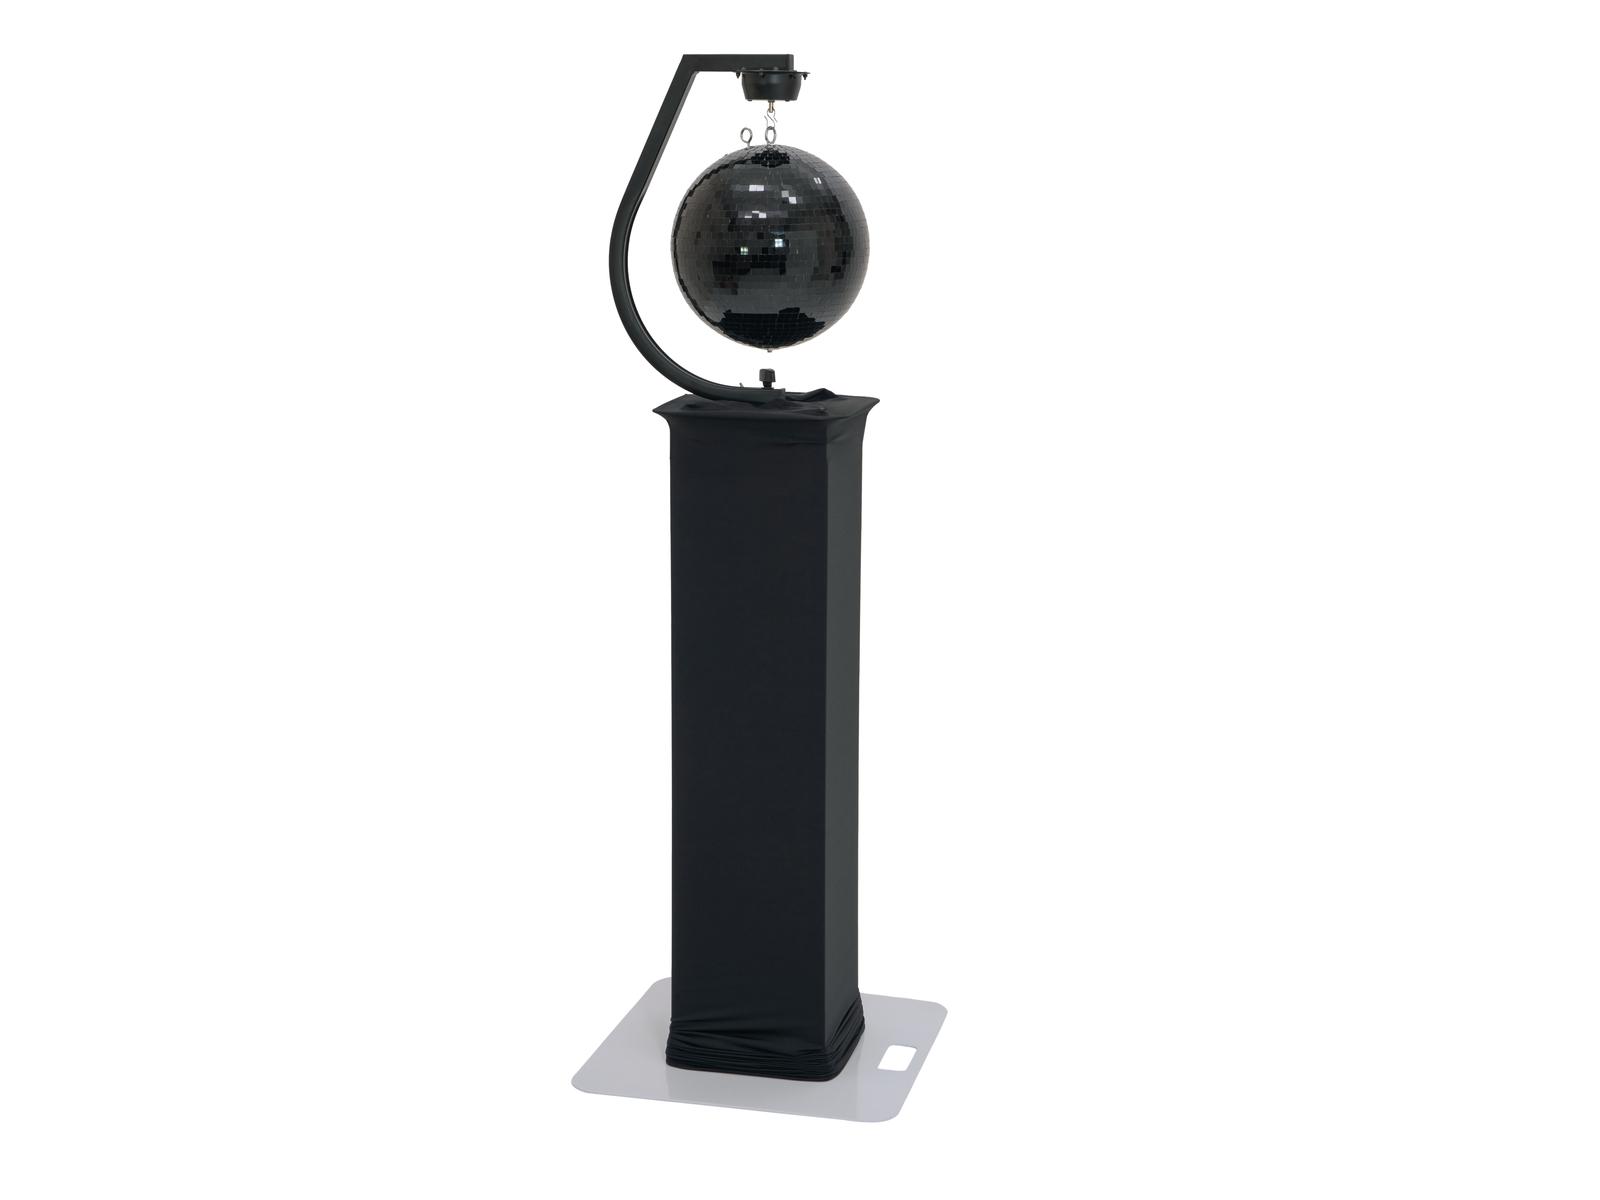 EUROLITE Set Spiegelkugel 30cm schwarz mit Stage Stand variabel + Cover schwarz